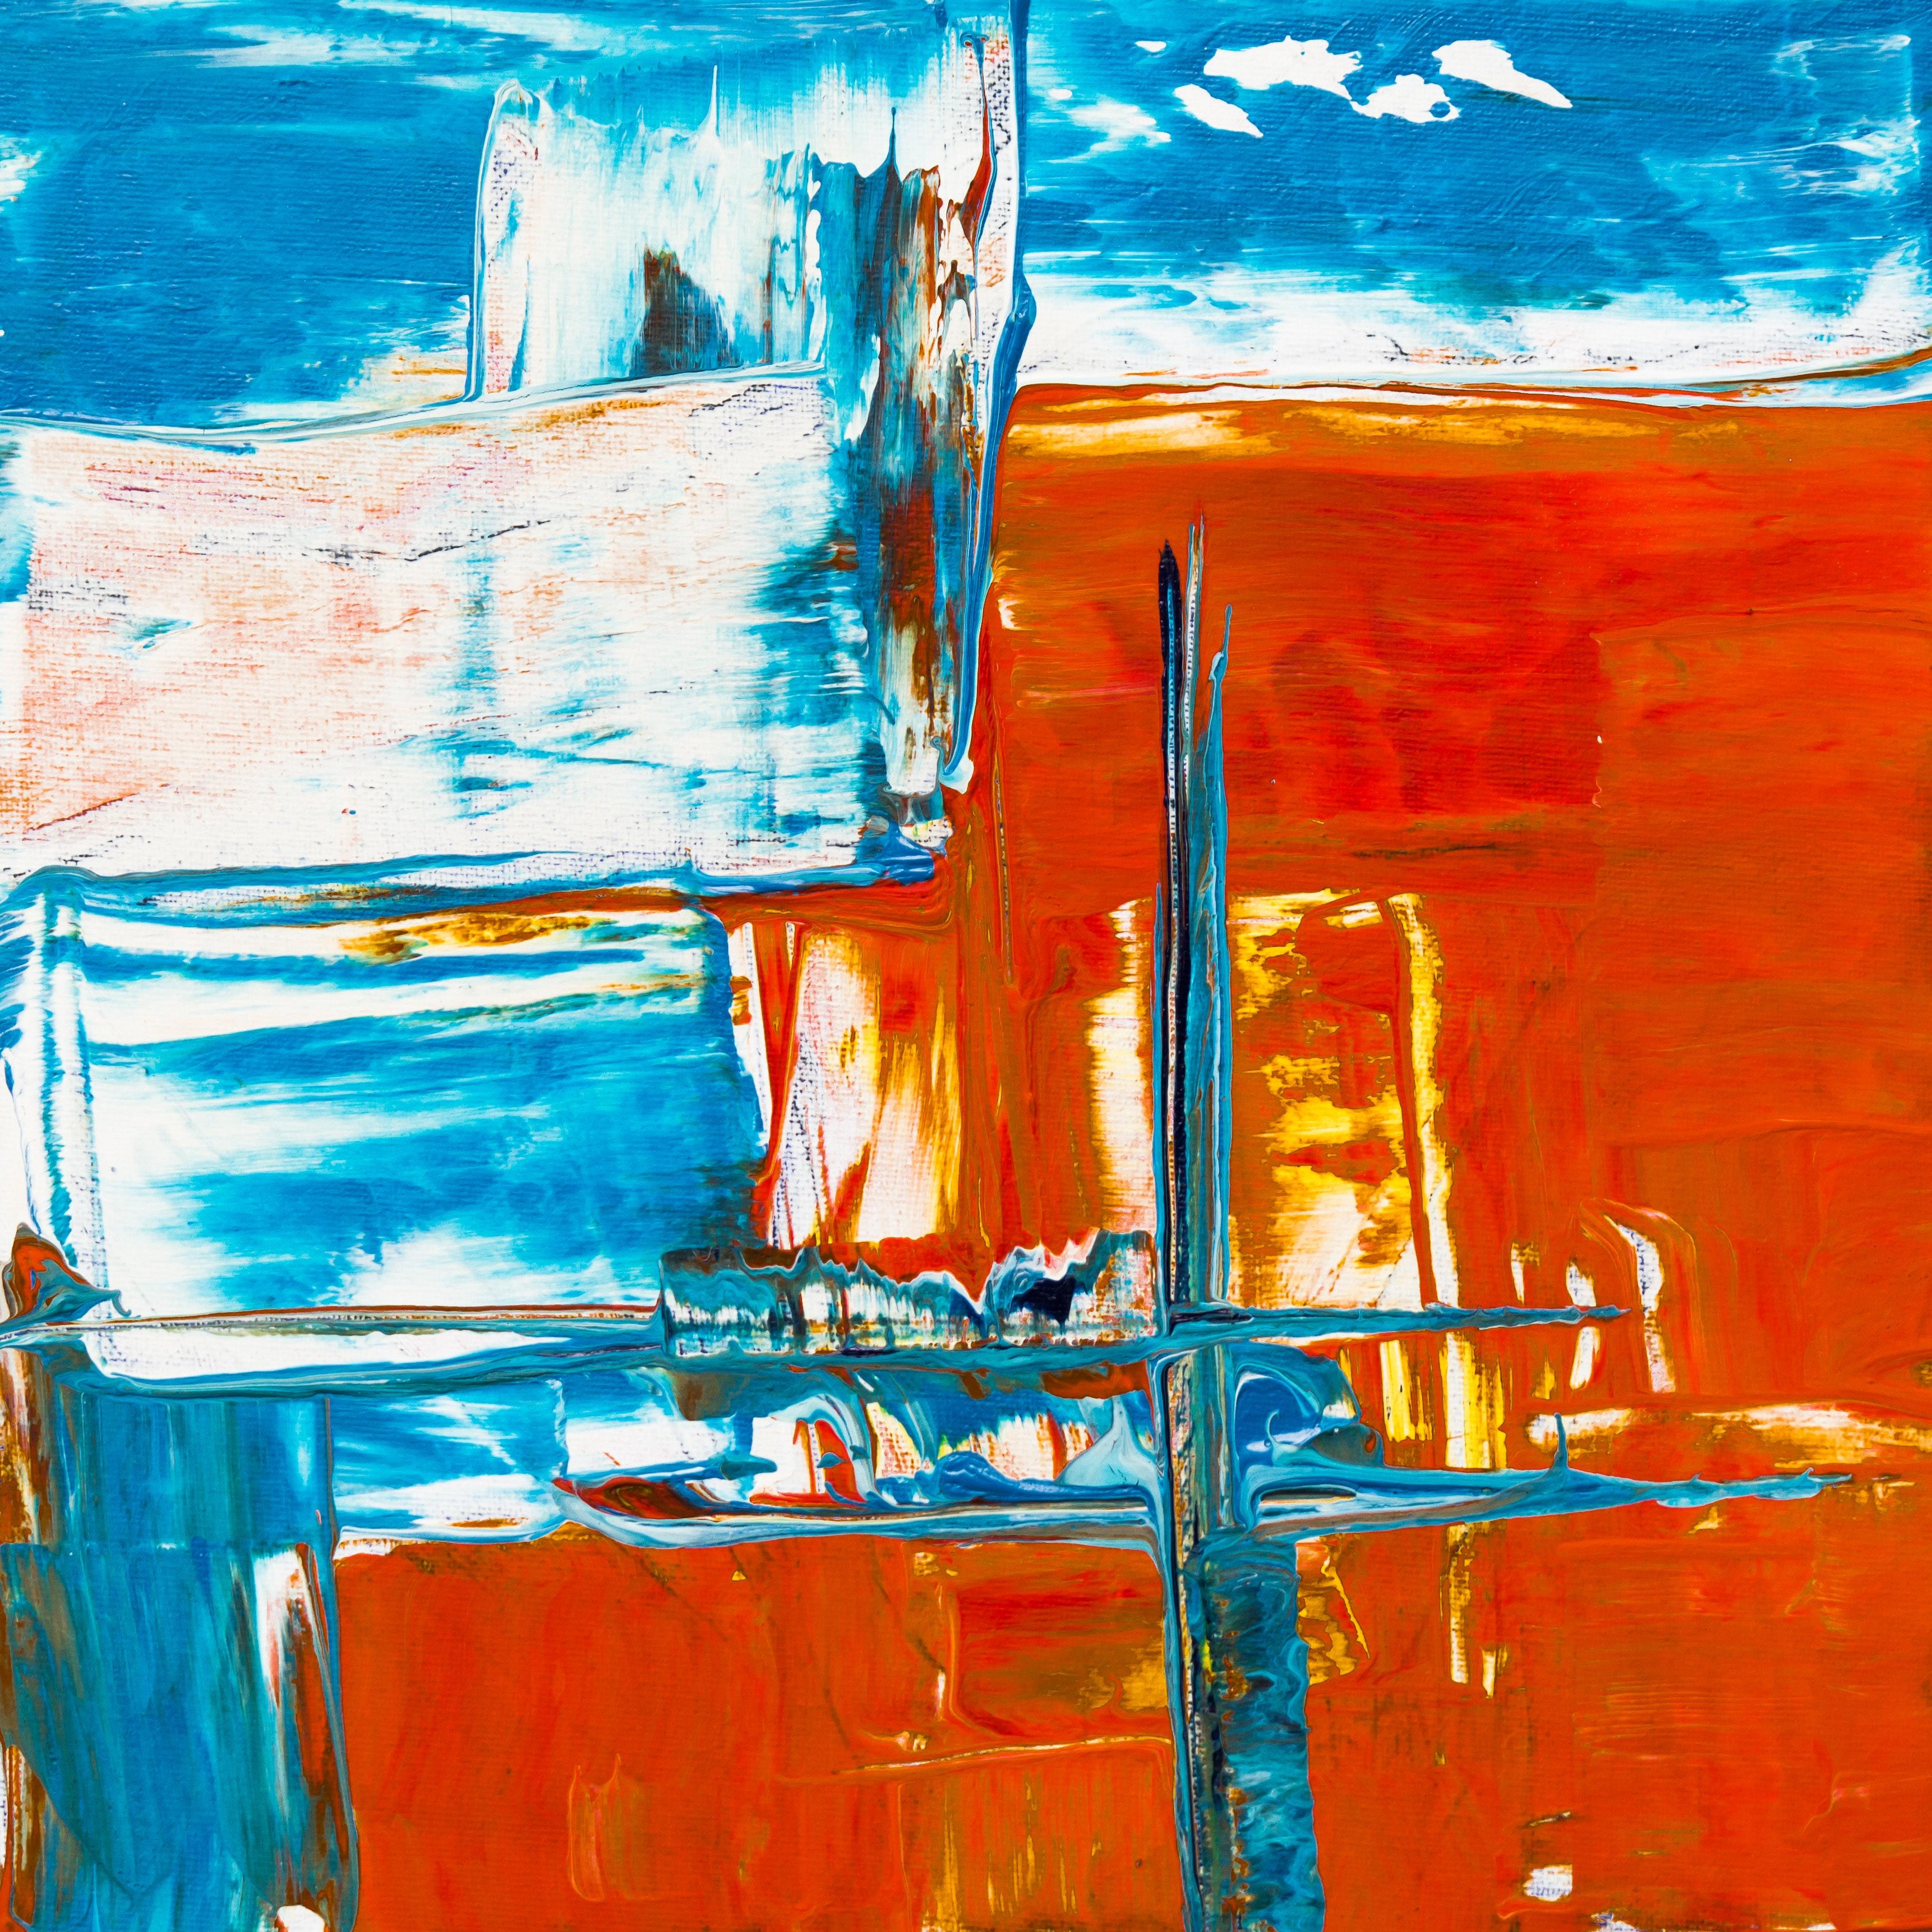 Ongebruikt Gratis Afbeeldingen : abstract expressionisme, abstract schilderij AI-82